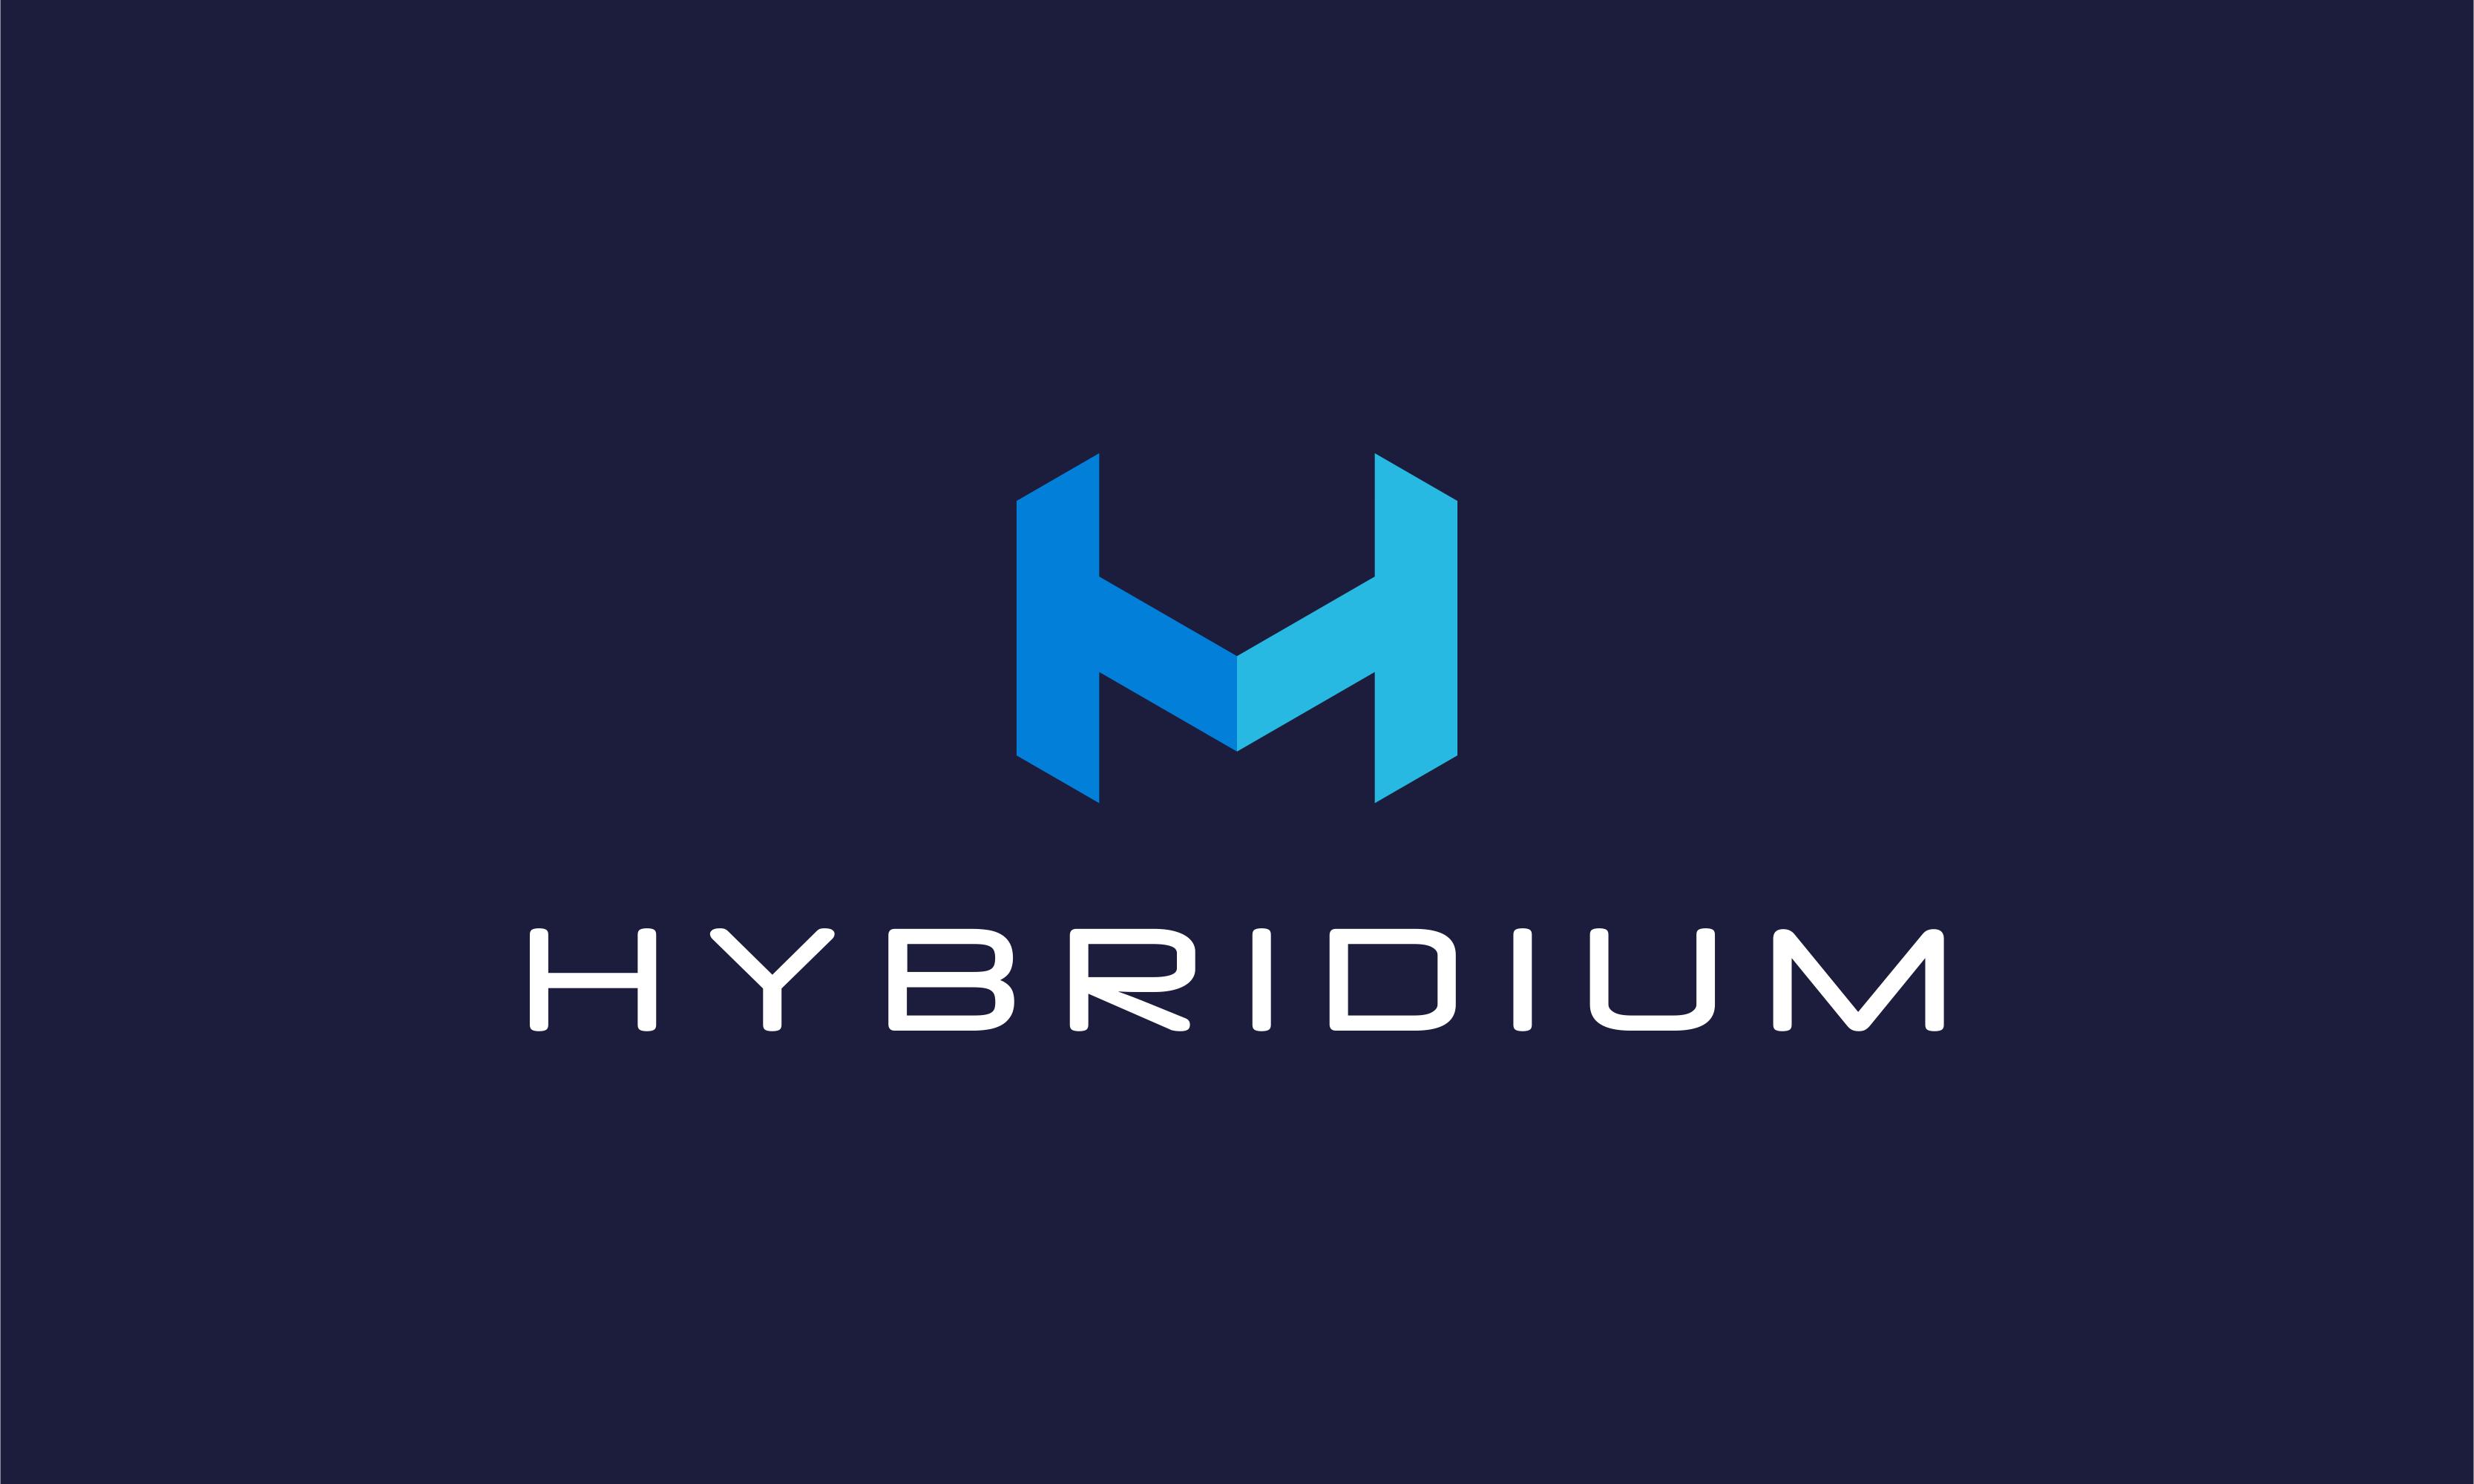 Hybridium